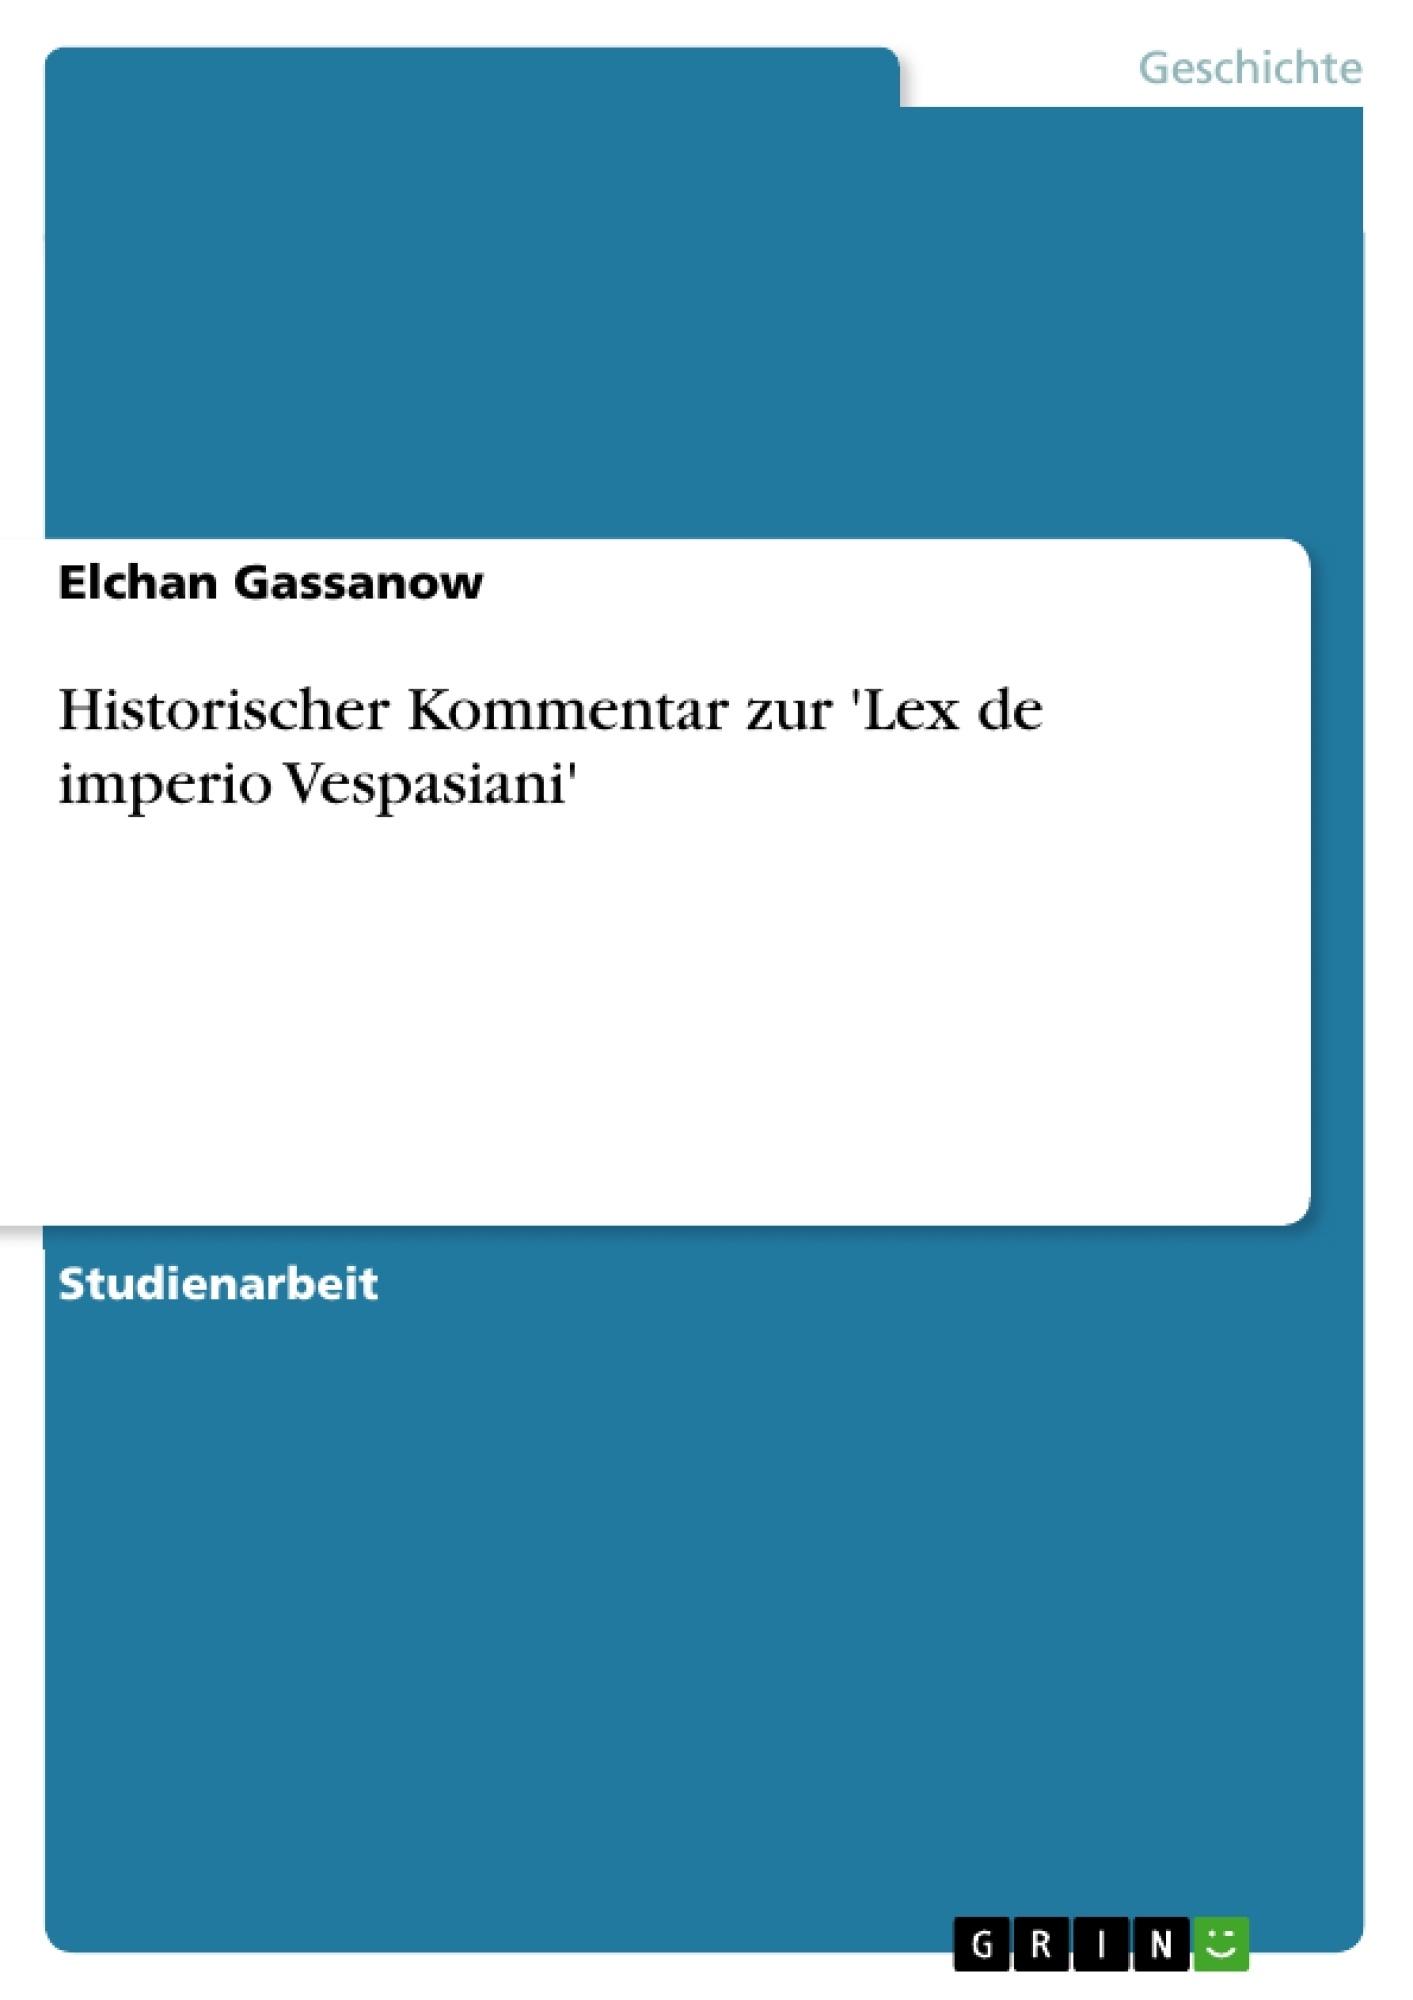 Titel: Historischer Kommentar zur 'Lex de imperio Vespasiani'